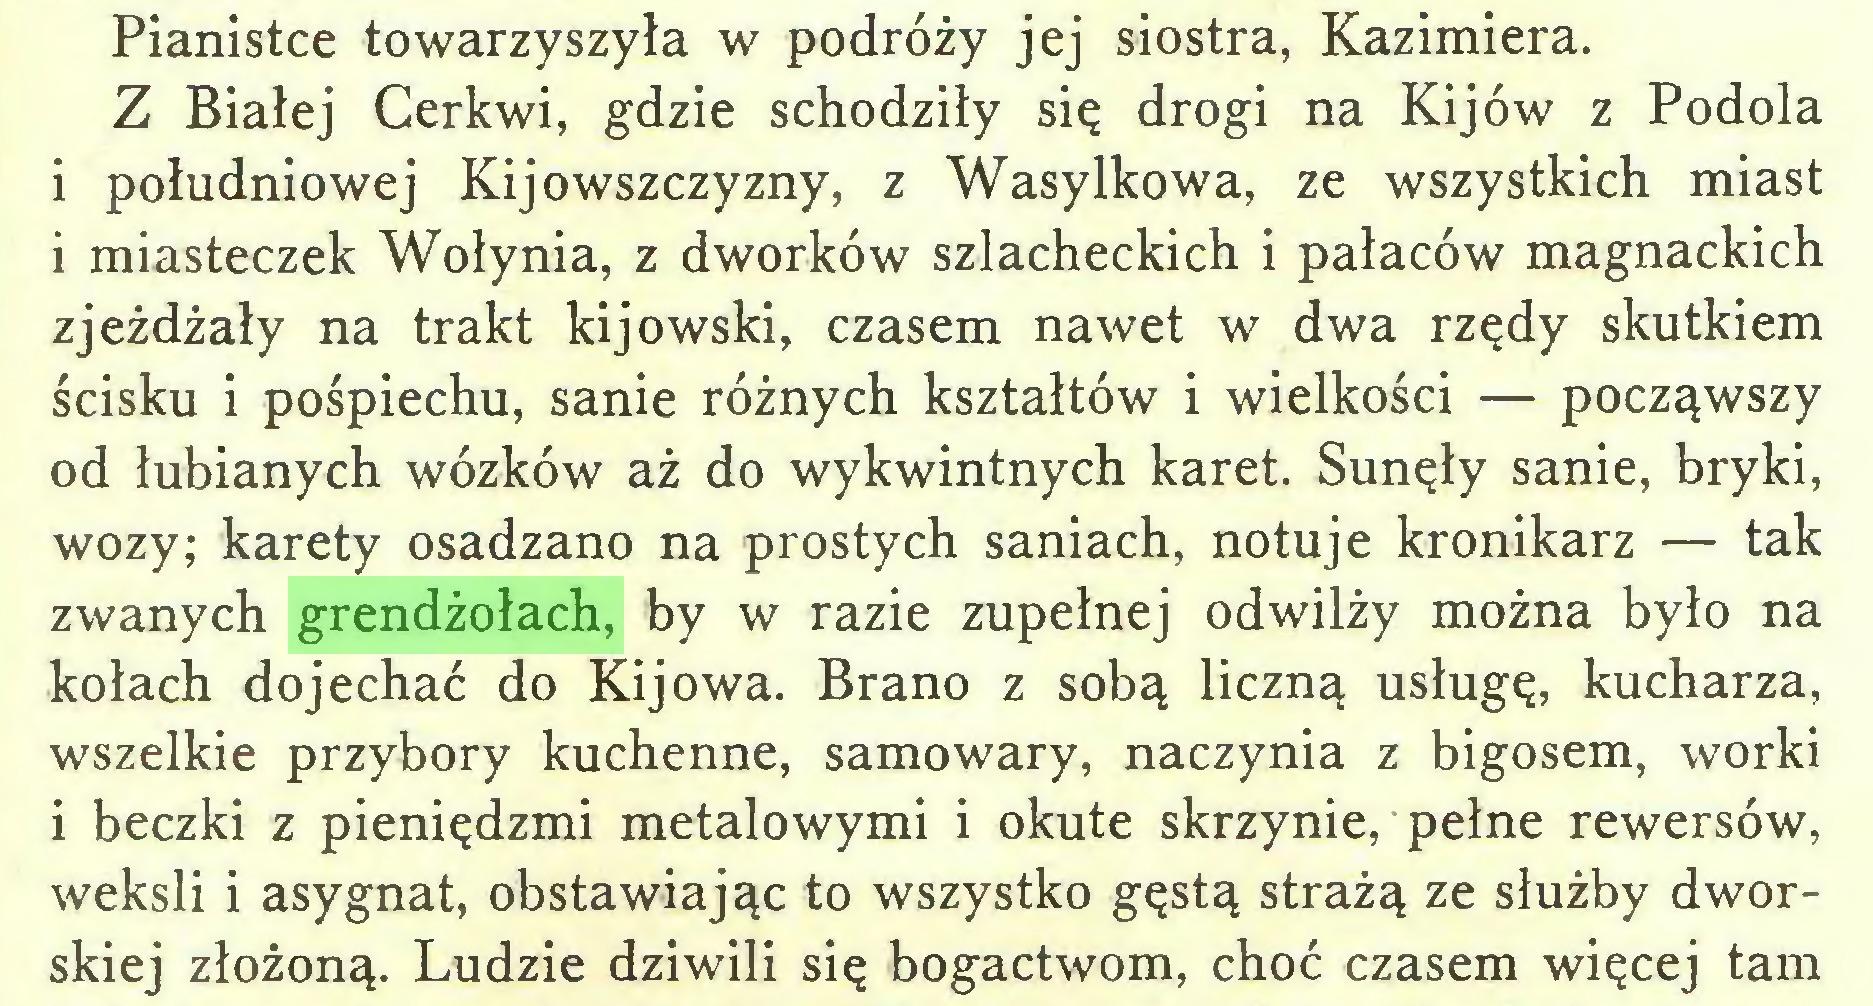 (...) Pianistce towarzyszyła w podróży jej siostra, Kazimiera. Z Białej Cerkwi, gdzie schodziły się drogi na Kijów z Podola i południowej Kijowszczyzny, z Wasylkowa, ze wszystkich miast i miasteczek Wołynia, z dworków szlacheckich i pałaców magnackich zjeżdżały na trakt kijowski, czasem nawet w dwa rzędy skutkiem ścisku i pośpiechu, sanie różnych kształtów i wielkości — począwszy od łubianych wózków aż do wykwintnych karet. Sunęły sanie, bryki, wozy; karety osadzano na prostych saniach, notuje kronikarz — tak zwanych grendżołach, by w razie zupełnej odwilży można było na kołach dojechać do Kijowa. Brano z sobą liczną usługę, kucharza, wszelkie przybory kuchenne, samowary, naczynia z bigosem, worki i beczki z pieniędzmi metalowymi i okute skrzynie, pełne rewersów, weksli i asygnat, obstawiając to wszystko gęstą strażą ze służby dworskiej złożoną. Ludzie dziwili się bogactwom, choć czasem więcej tam...